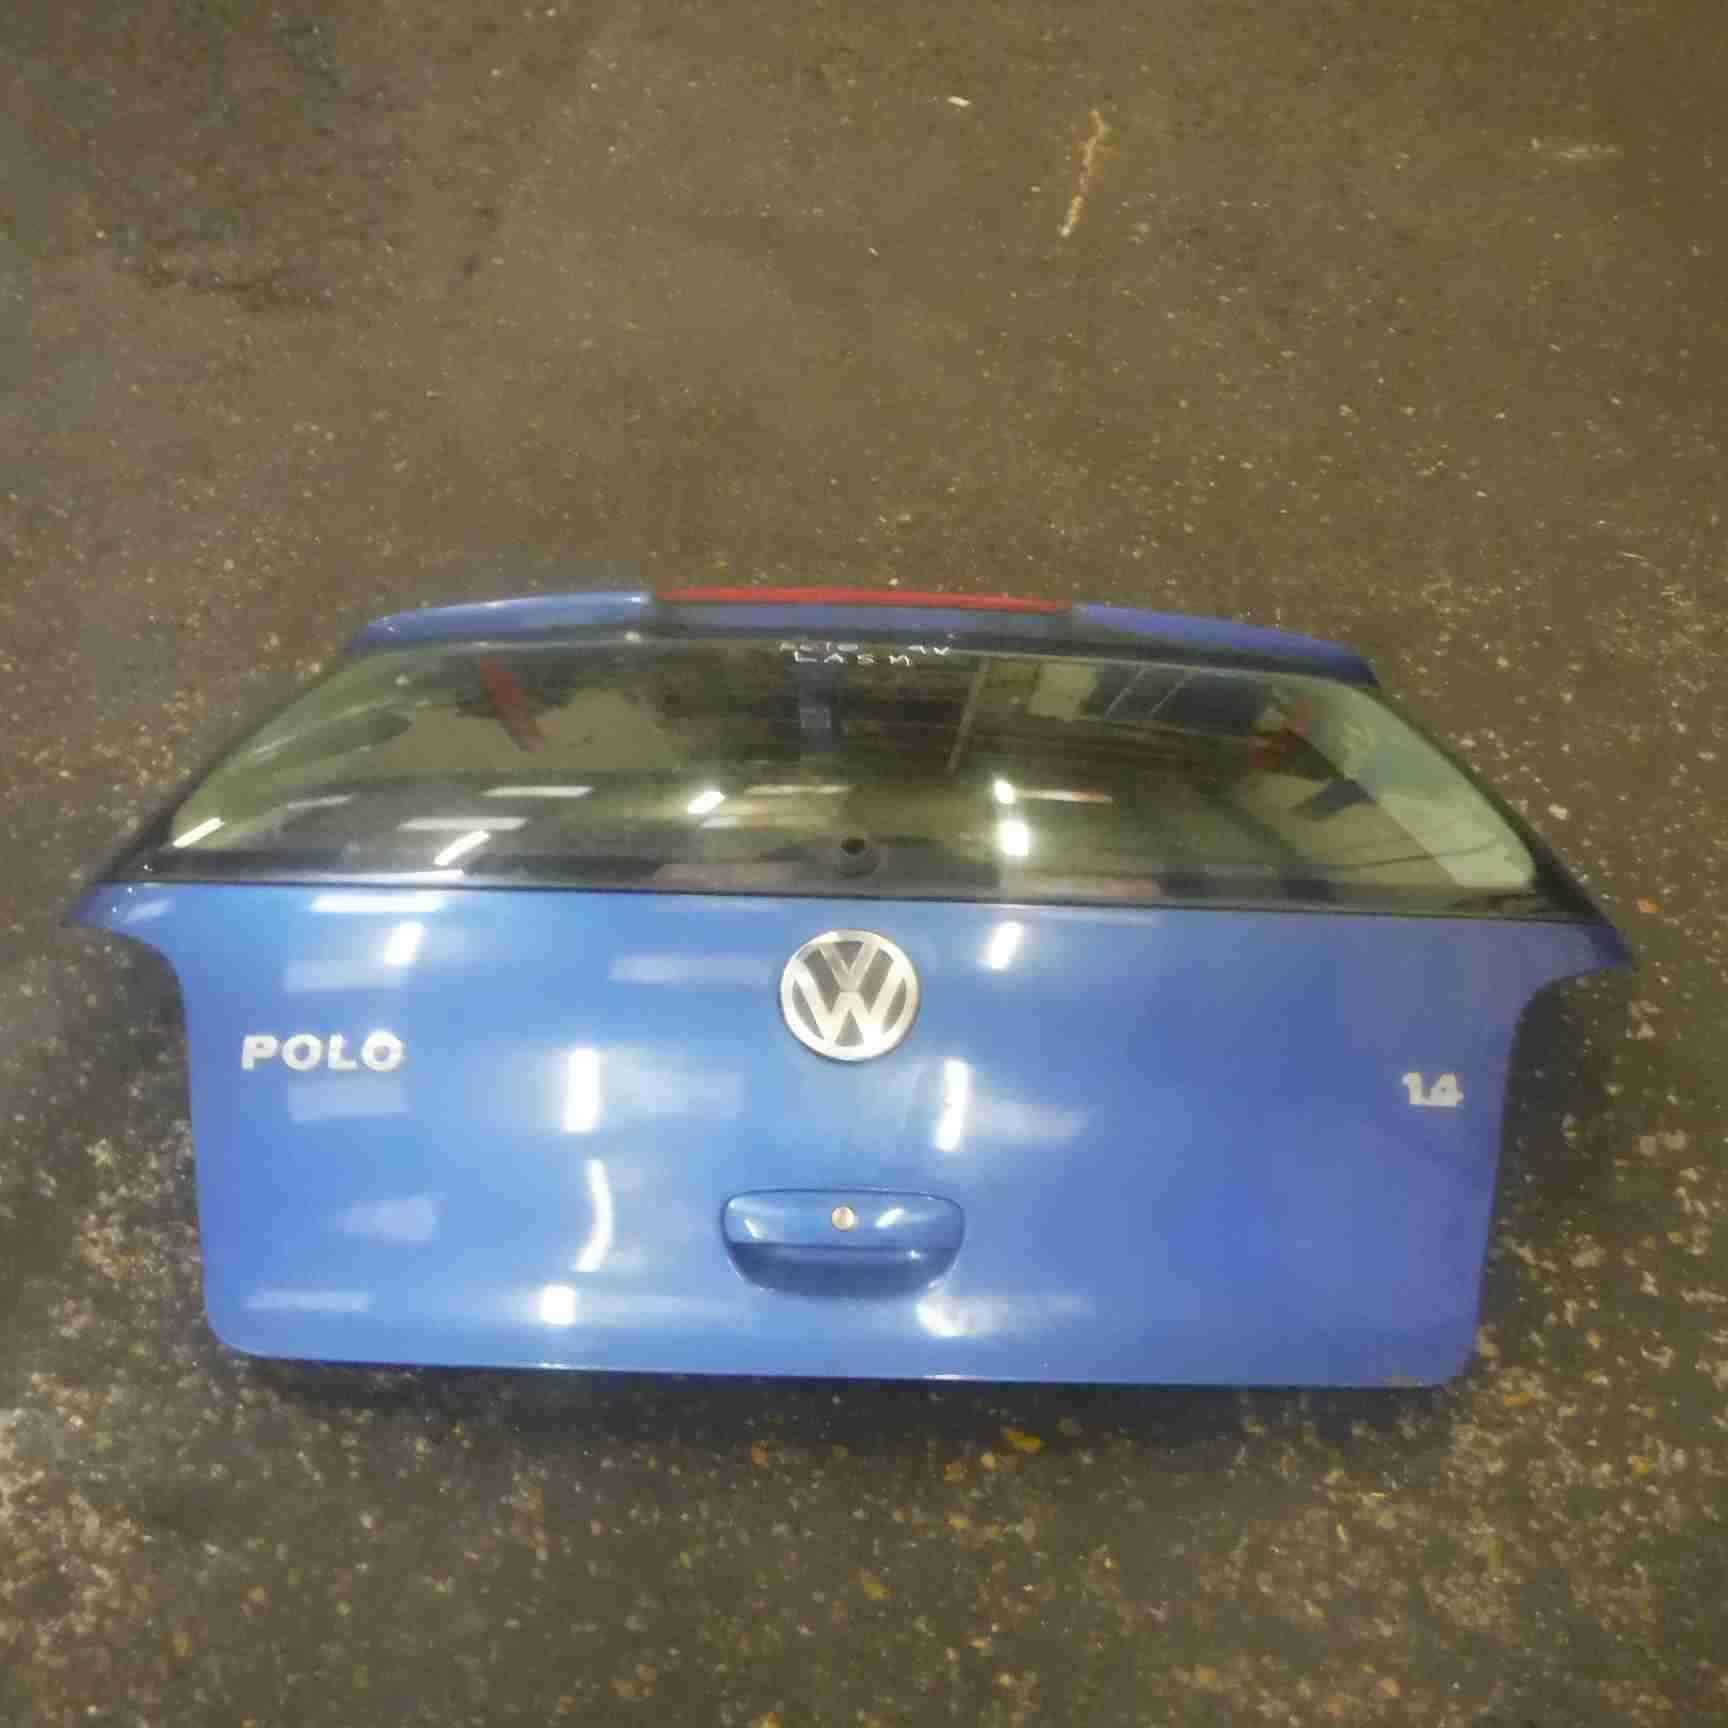 Volkswagen Polo 9N 2003-2006 Rear Tailgate Boot Blue LA5M